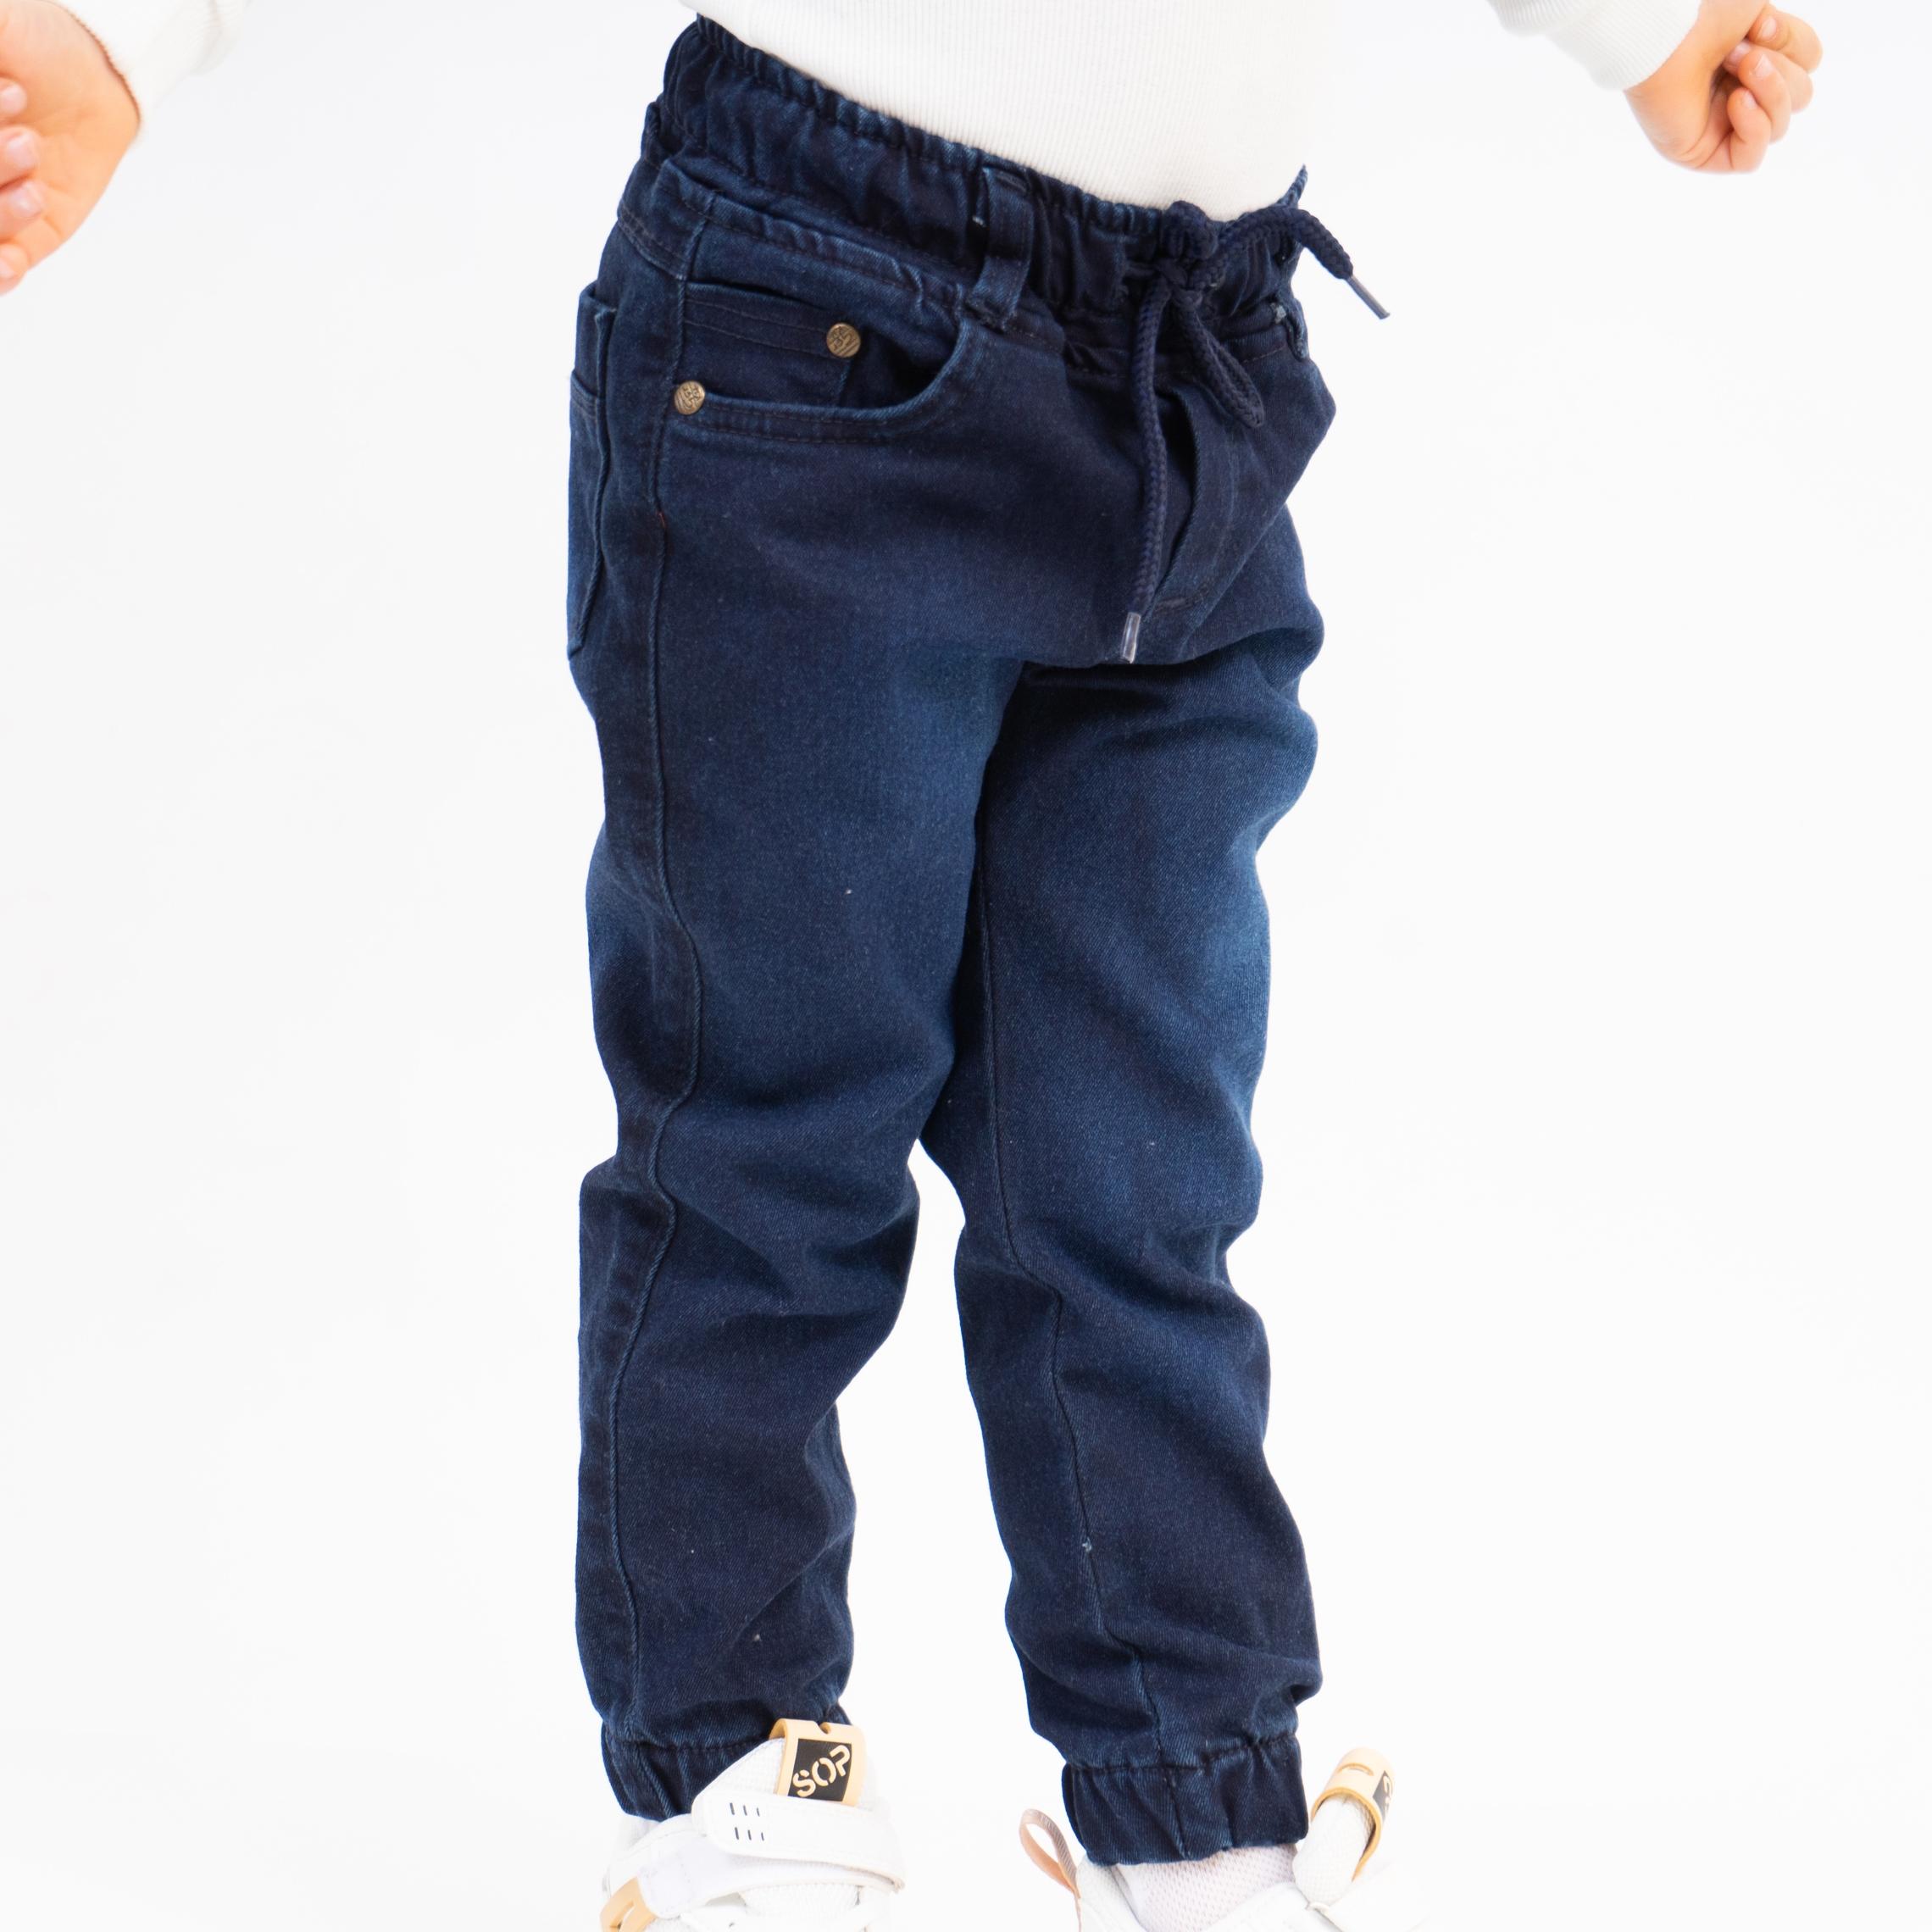 Оригинальные красивые синие джинсы для мальчика